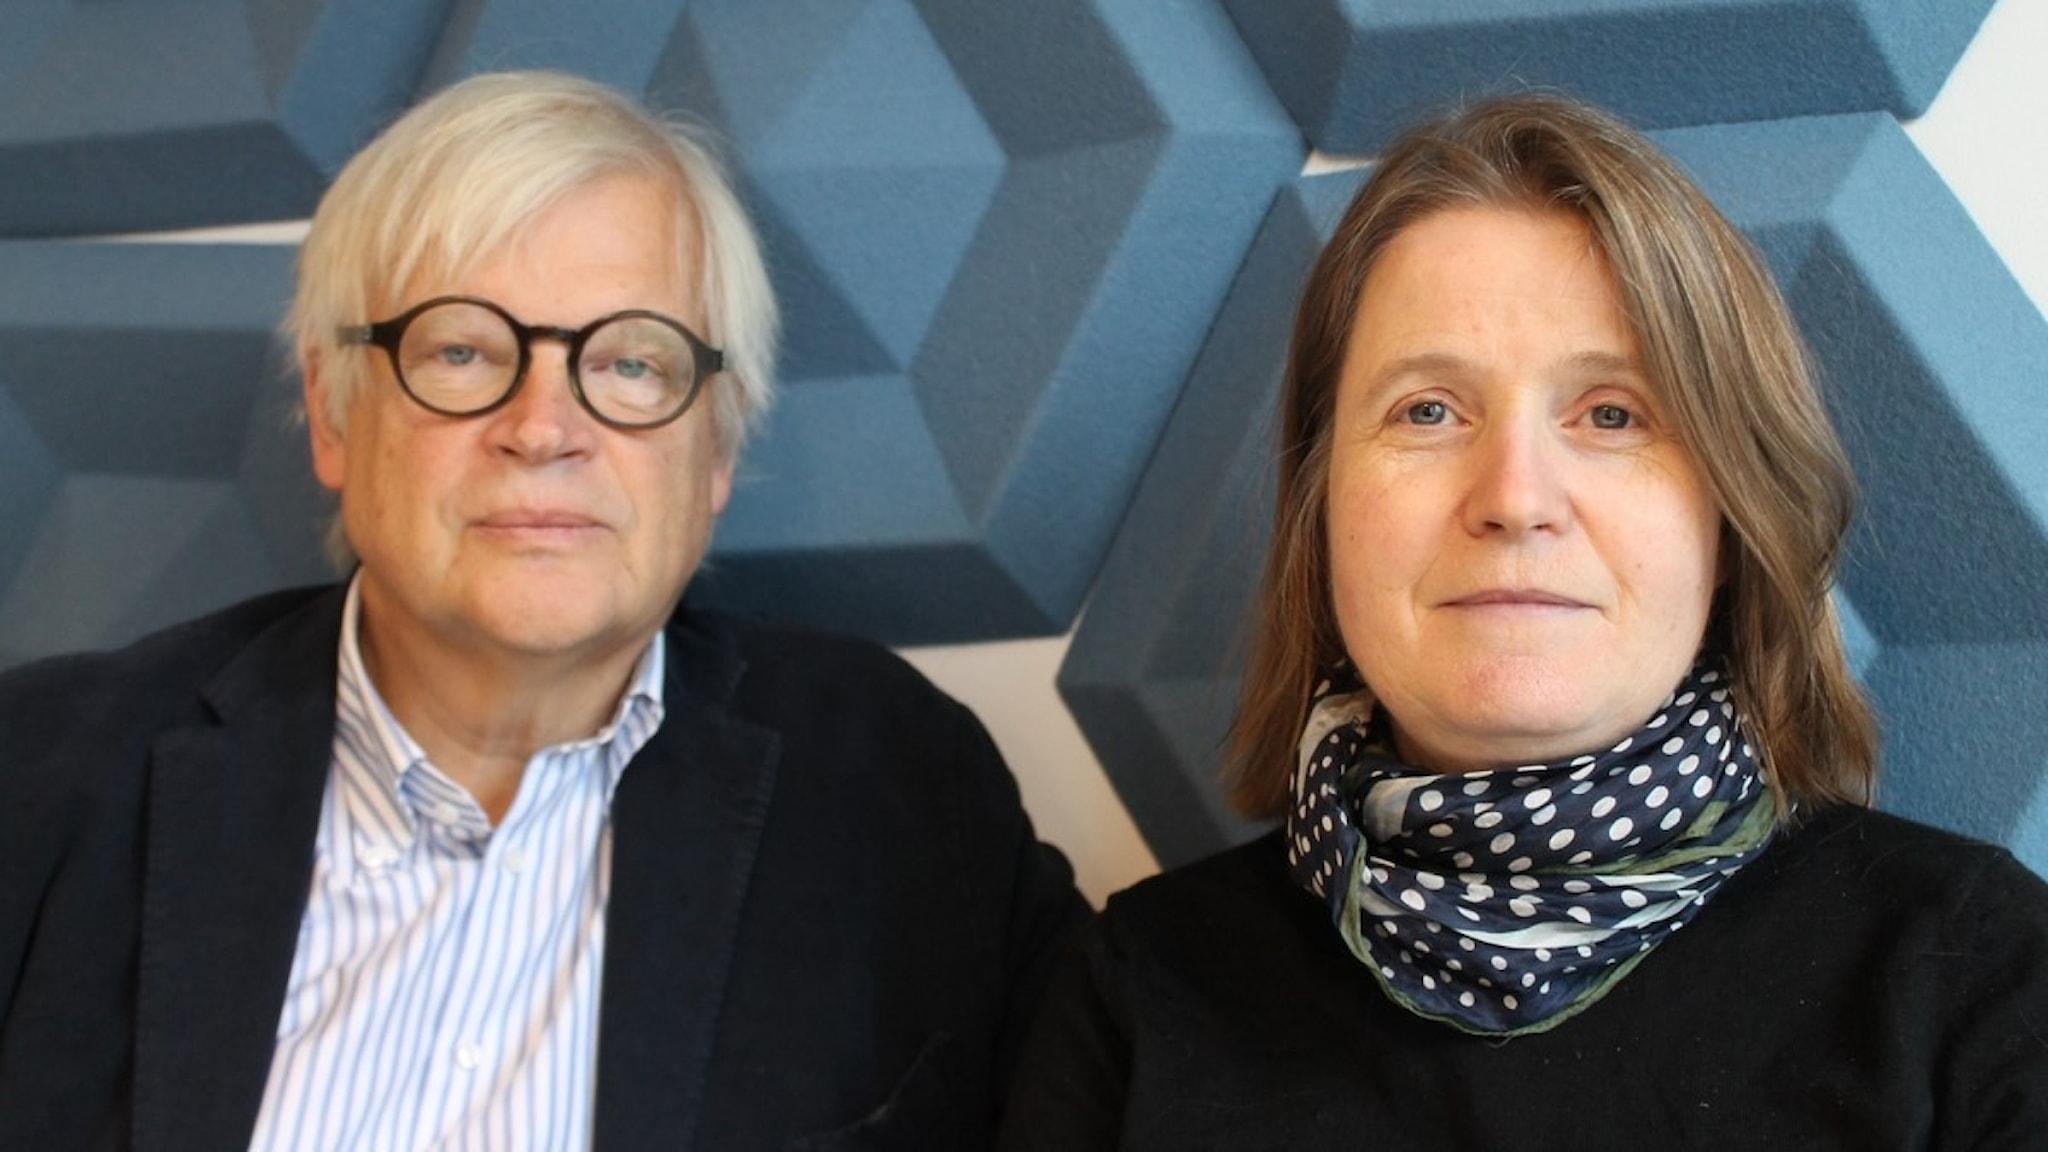 Thomas Nordegren och Louise Epstein står mot en blå bakgrund och blickar in i kameran.